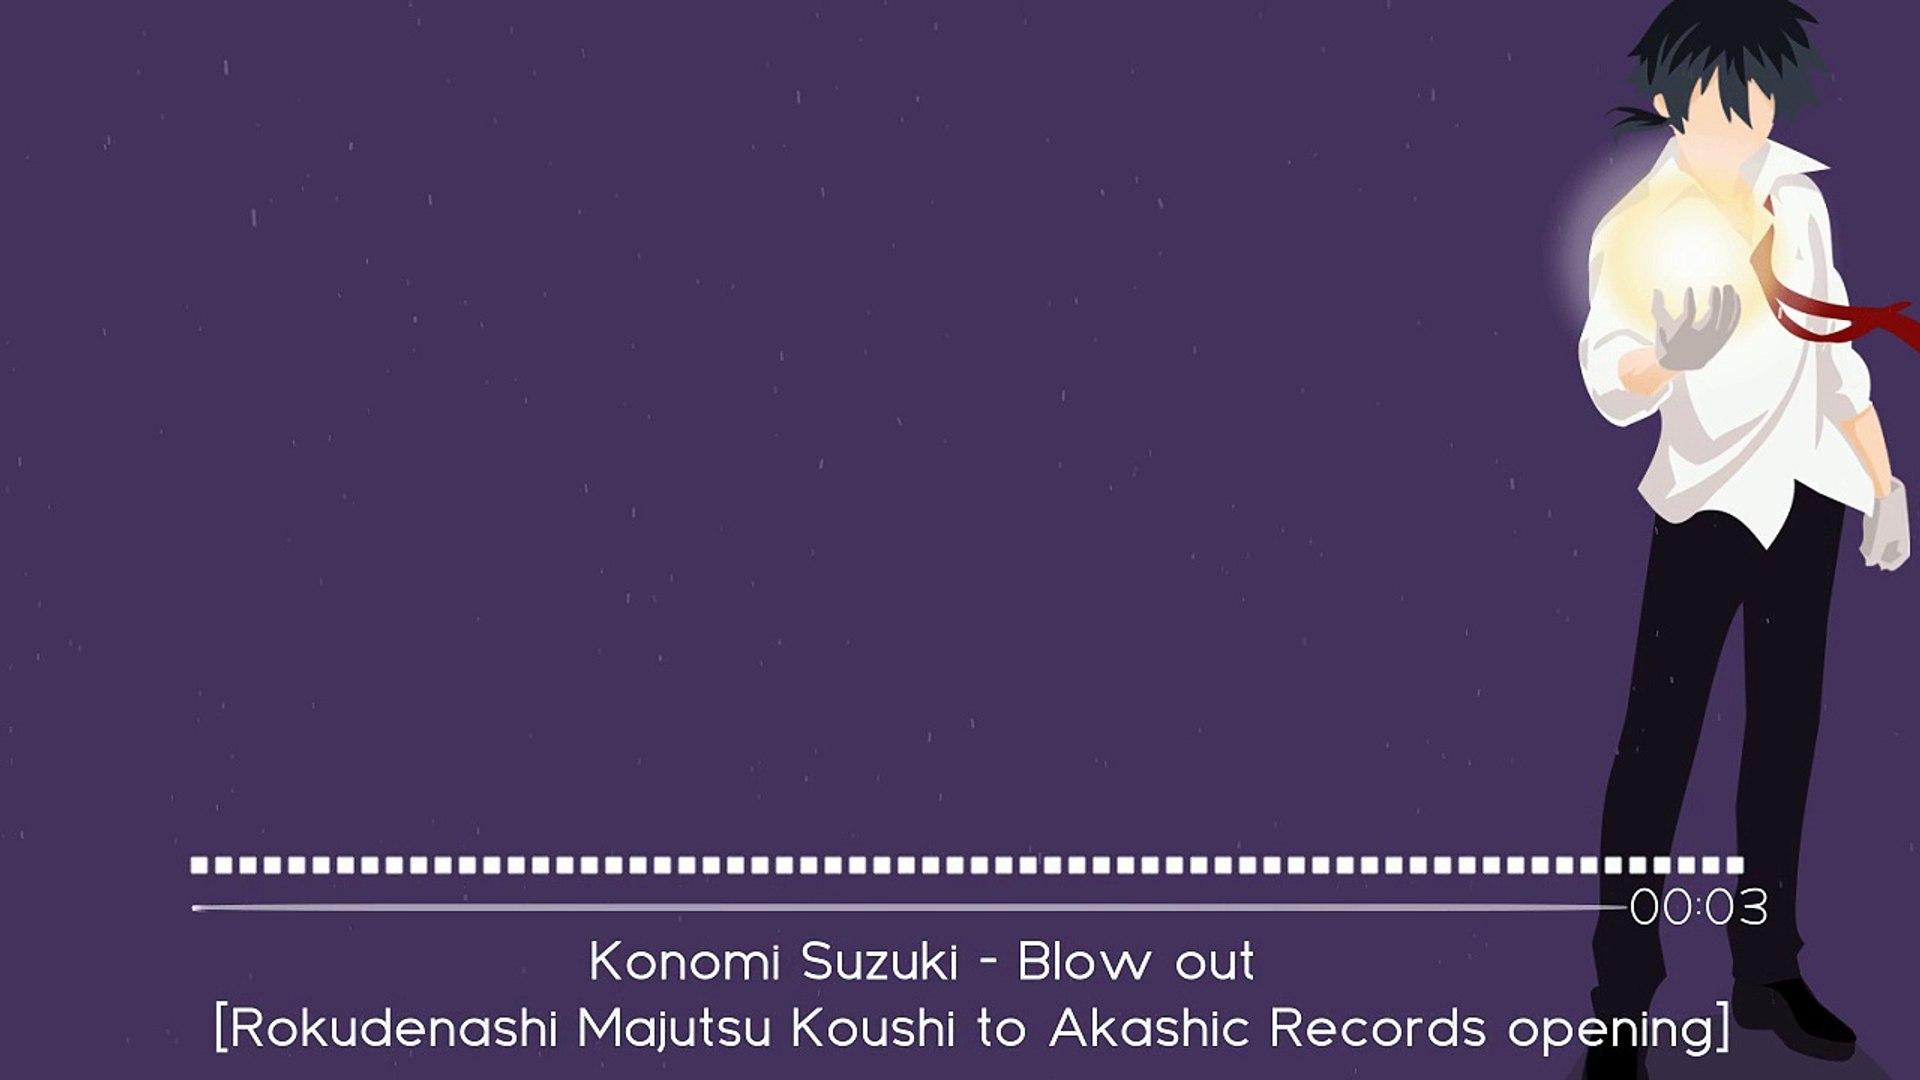 Konomi Suzuki Blow Out Rokudenashi Majutsu Koushi To Akashic